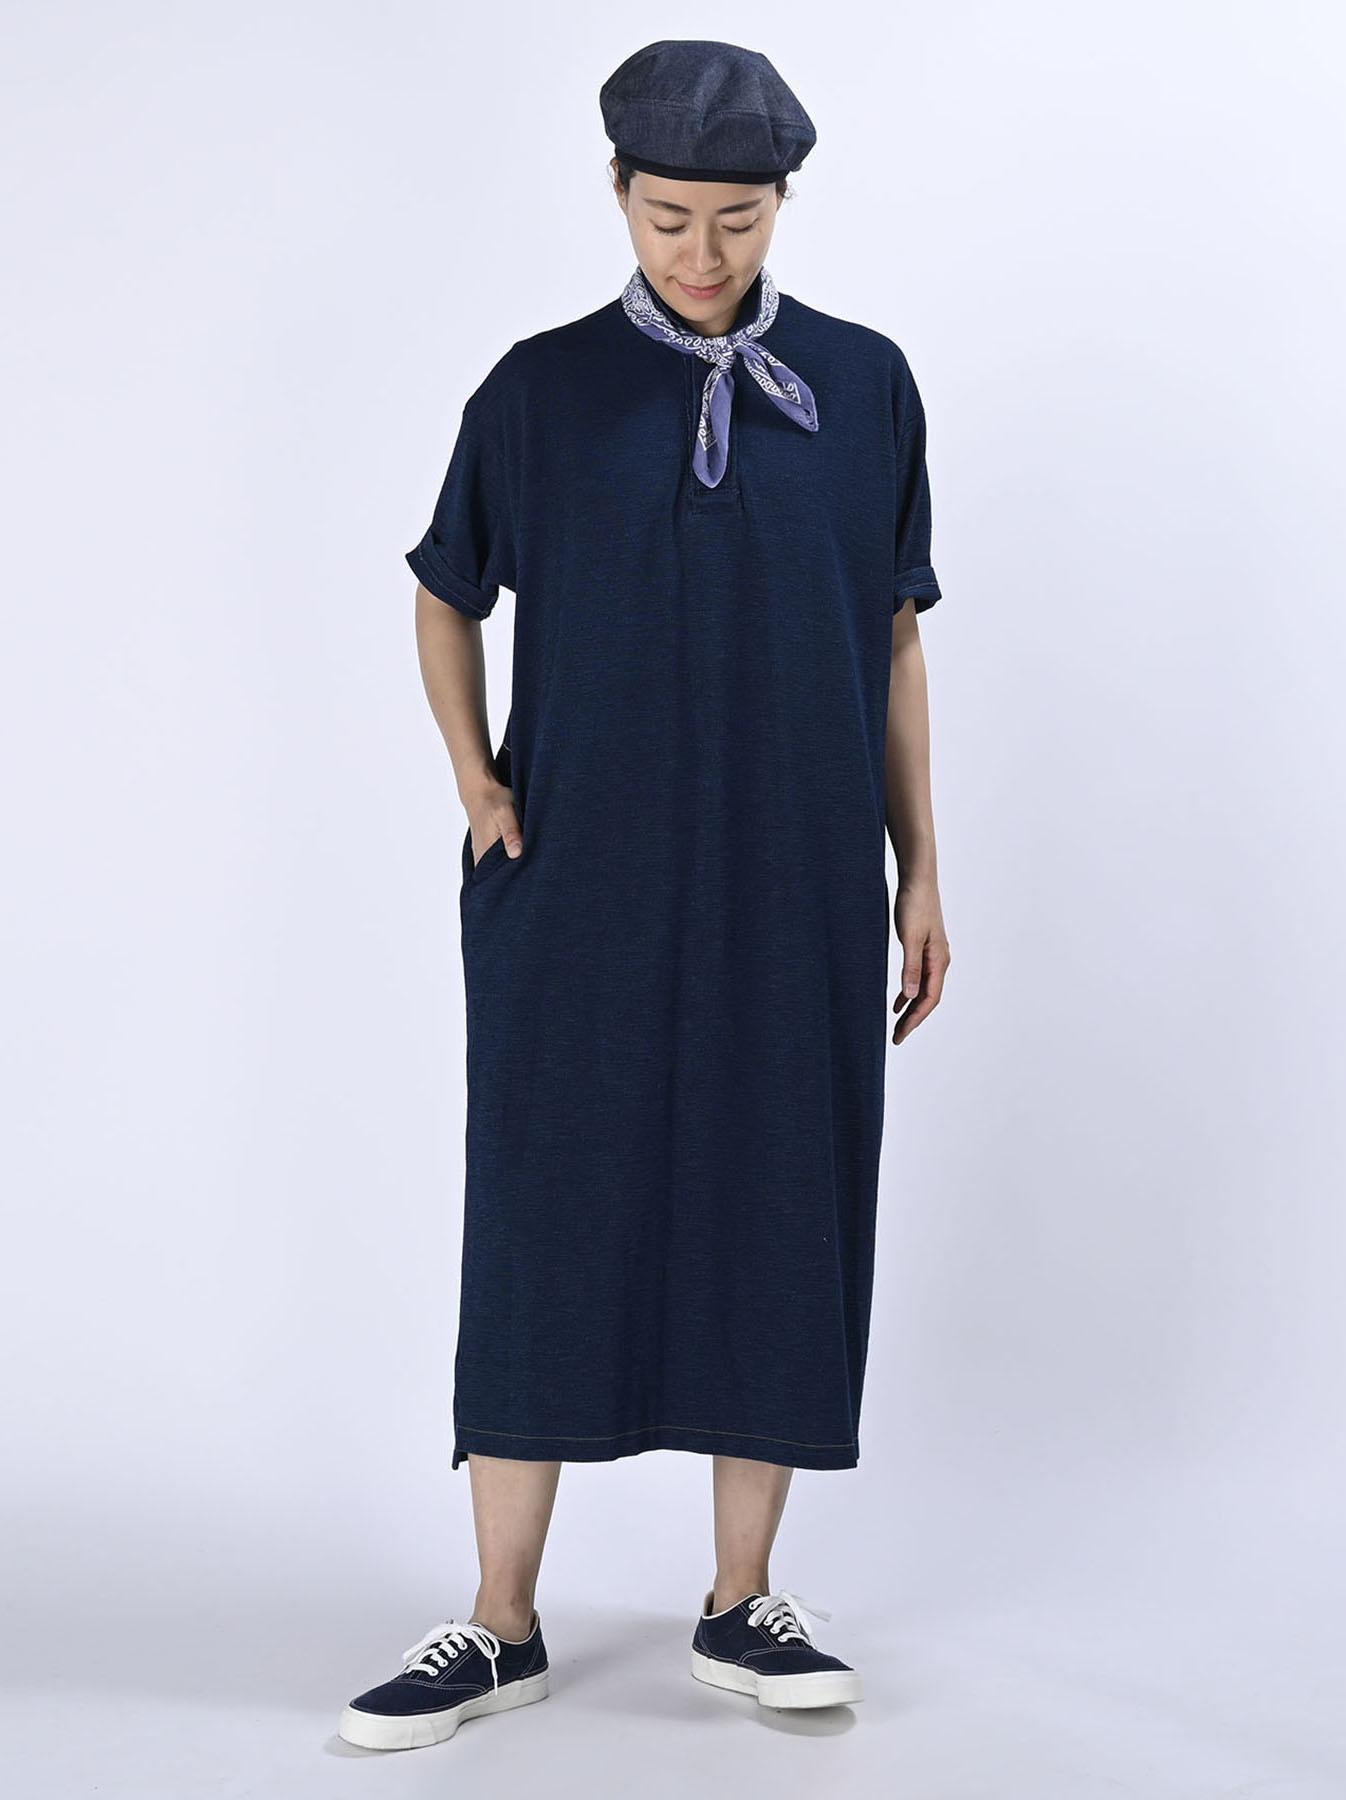 Indigo Kanoko Ocean Shiokaze Short-sleeved Polo Dress (0521)-2